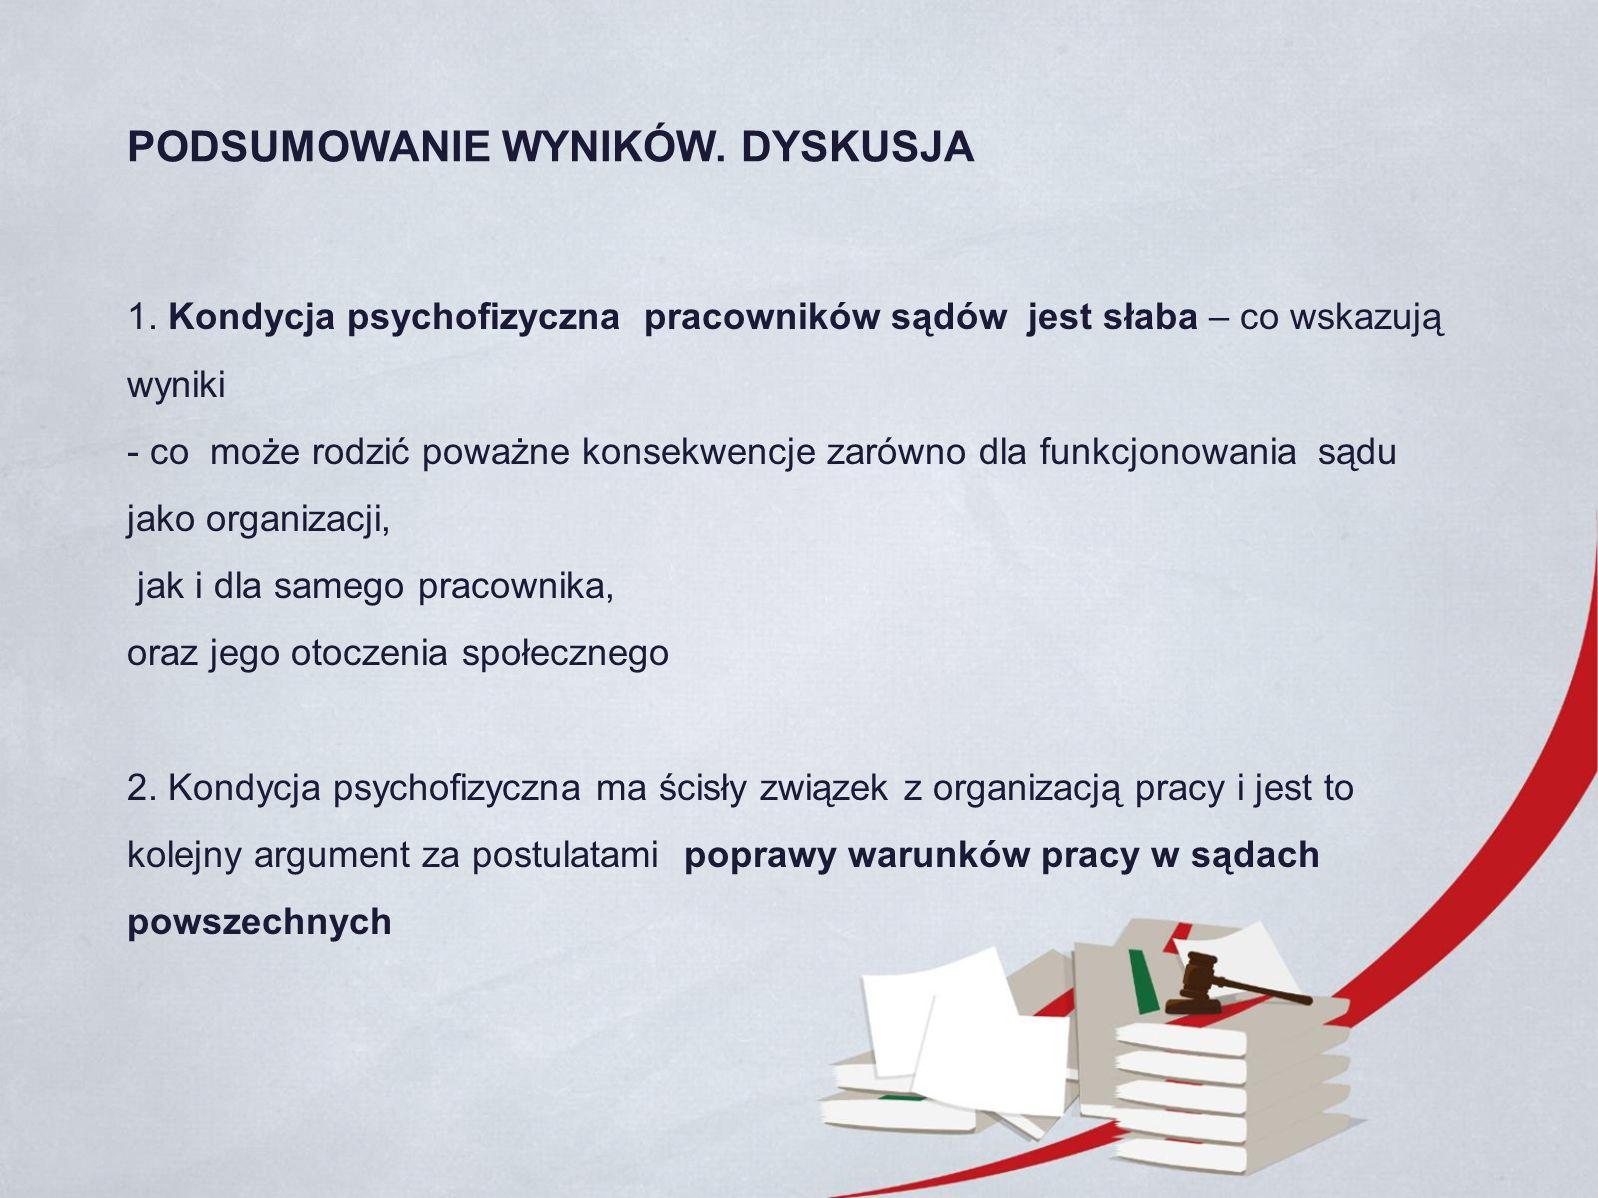 1. Kondycja psychofizyczna pracowników sądów jest słaba – co wskazują wyniki - co może rodzić poważne konsekwencje zarówno dla funkcjonowania sądu jak